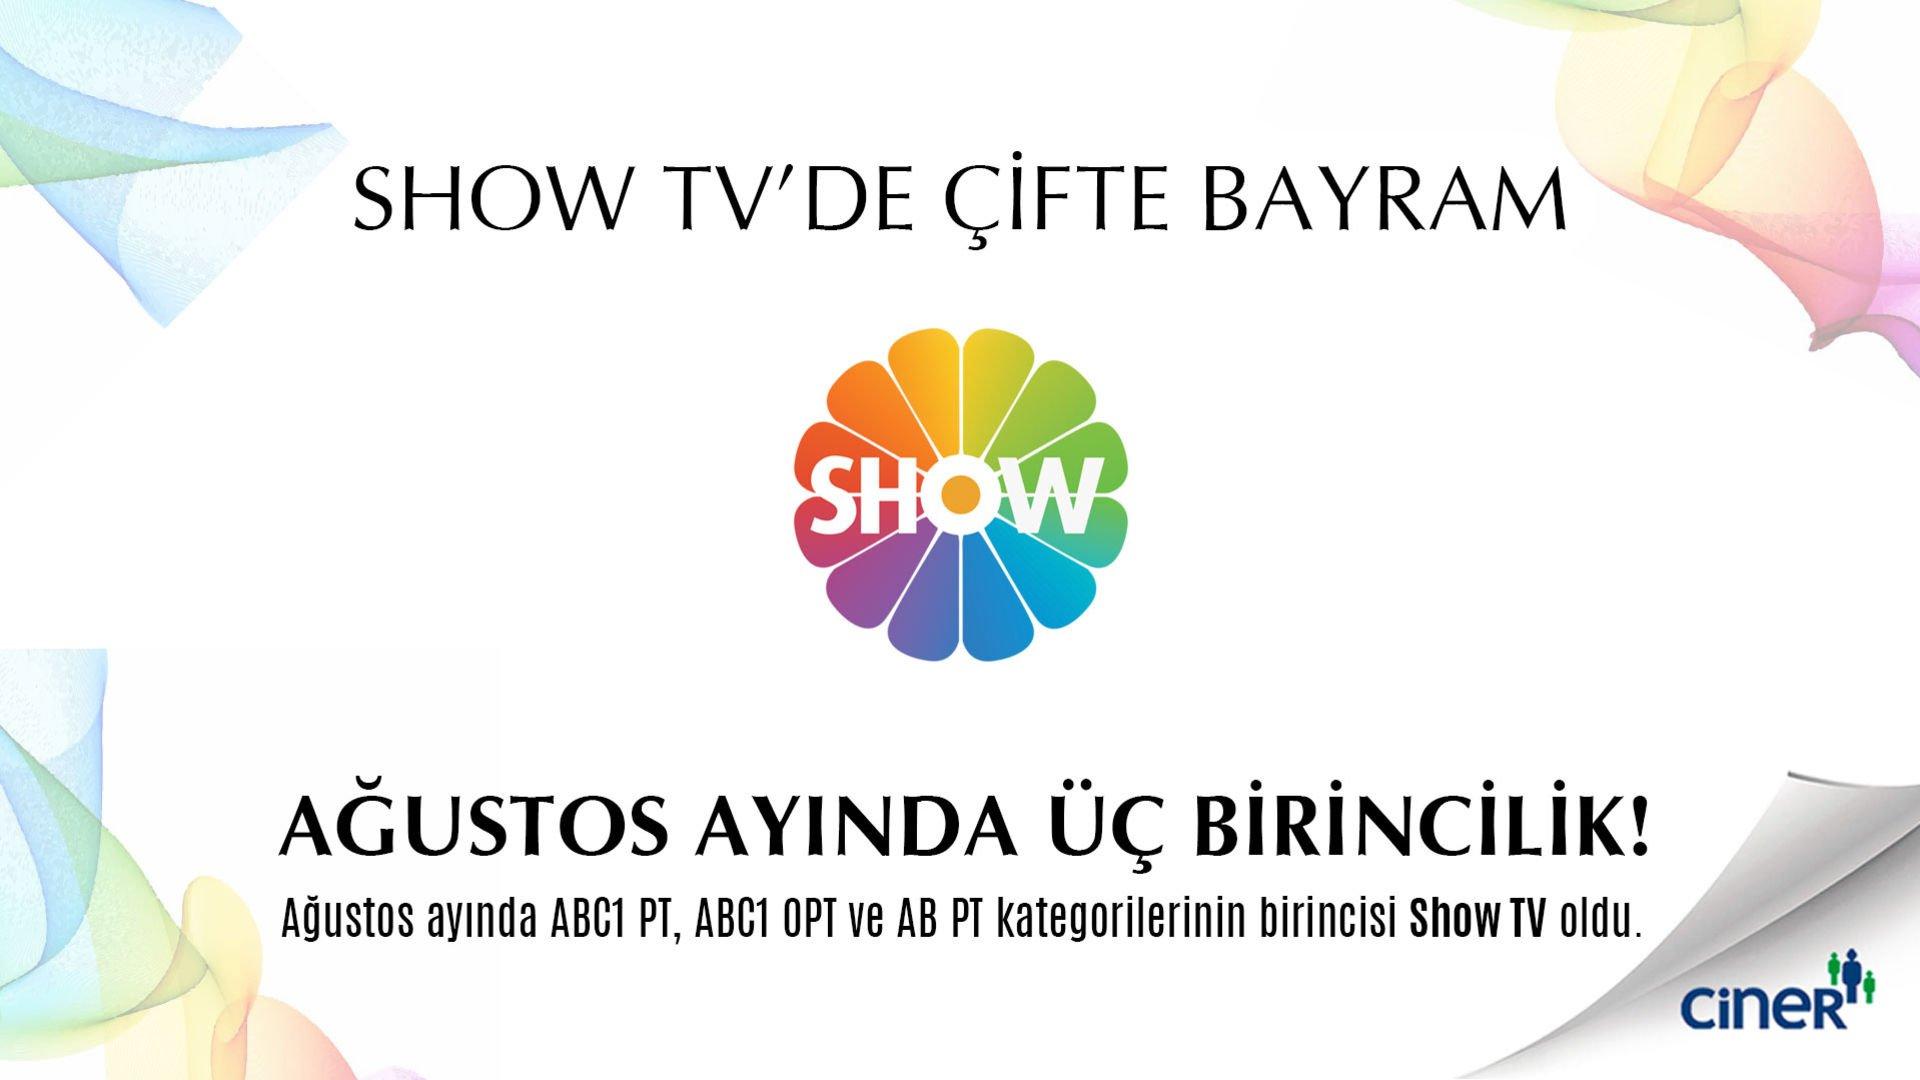 Ağustos ayında Show TV'den üç birincilik birden!